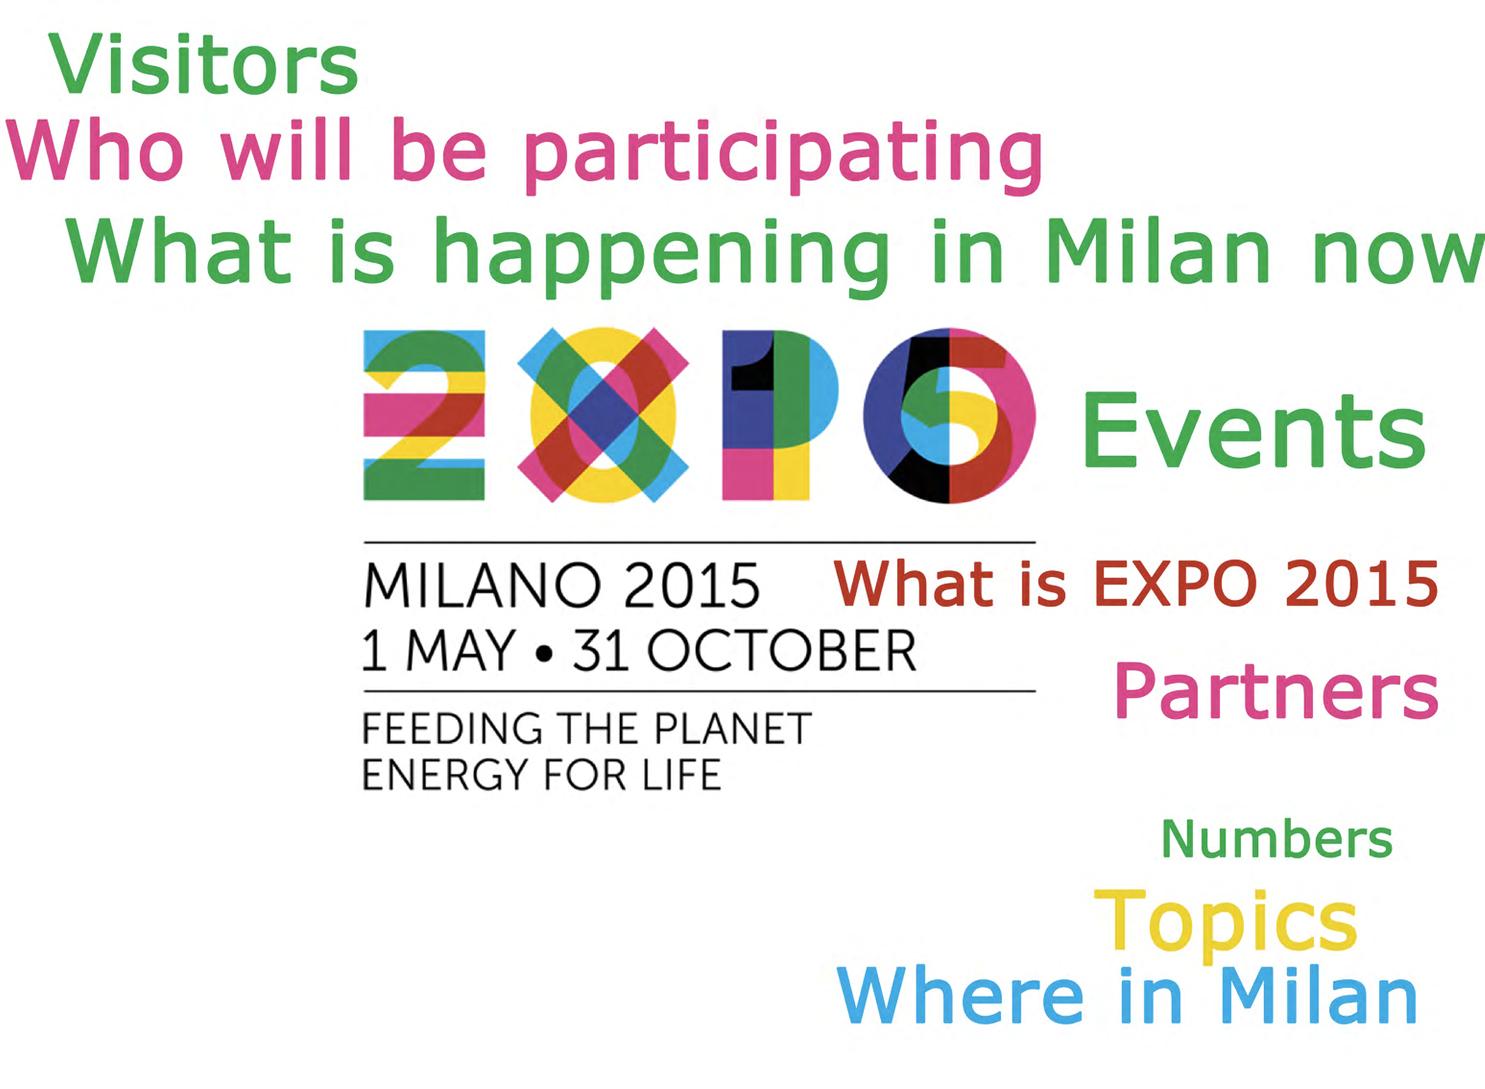 Expo Milano 2015 – in a nutshell